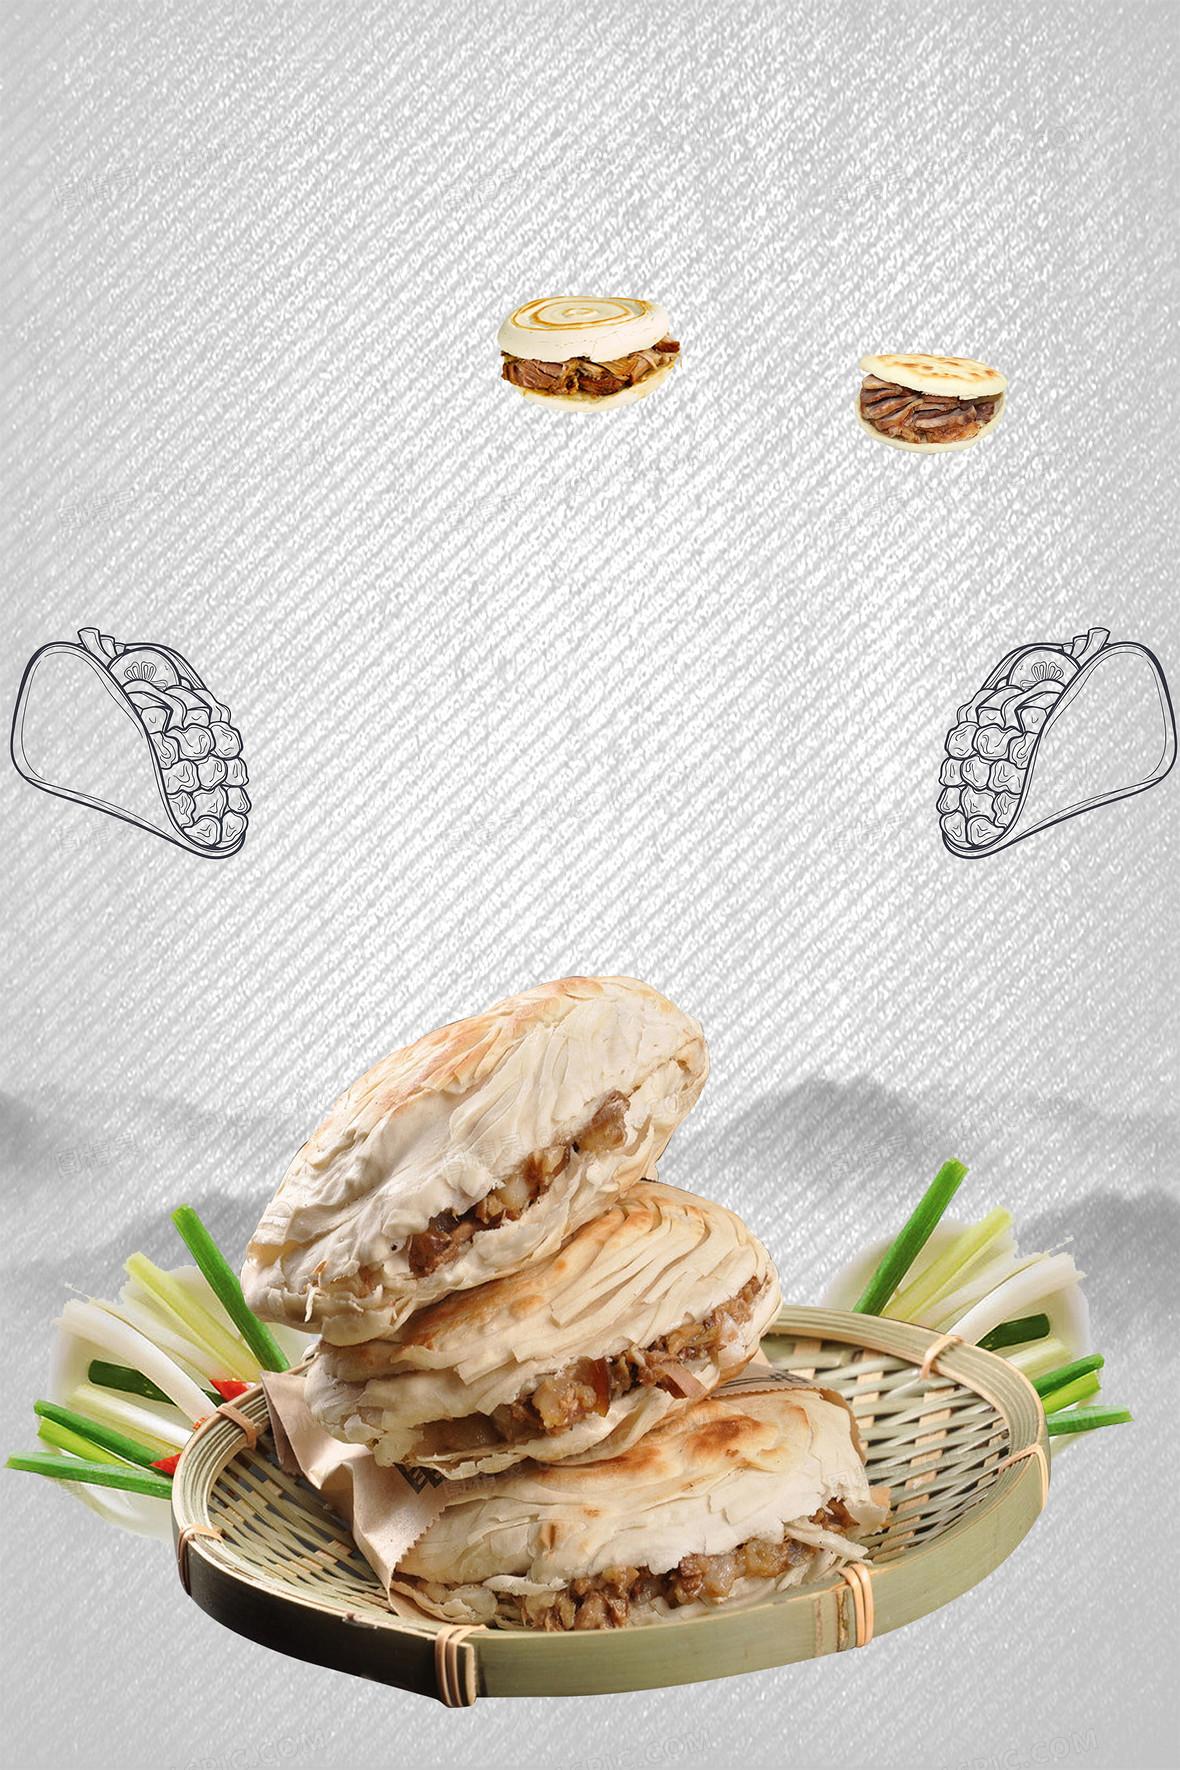 水墨简约陕西肉夹馍美食海报背景素材